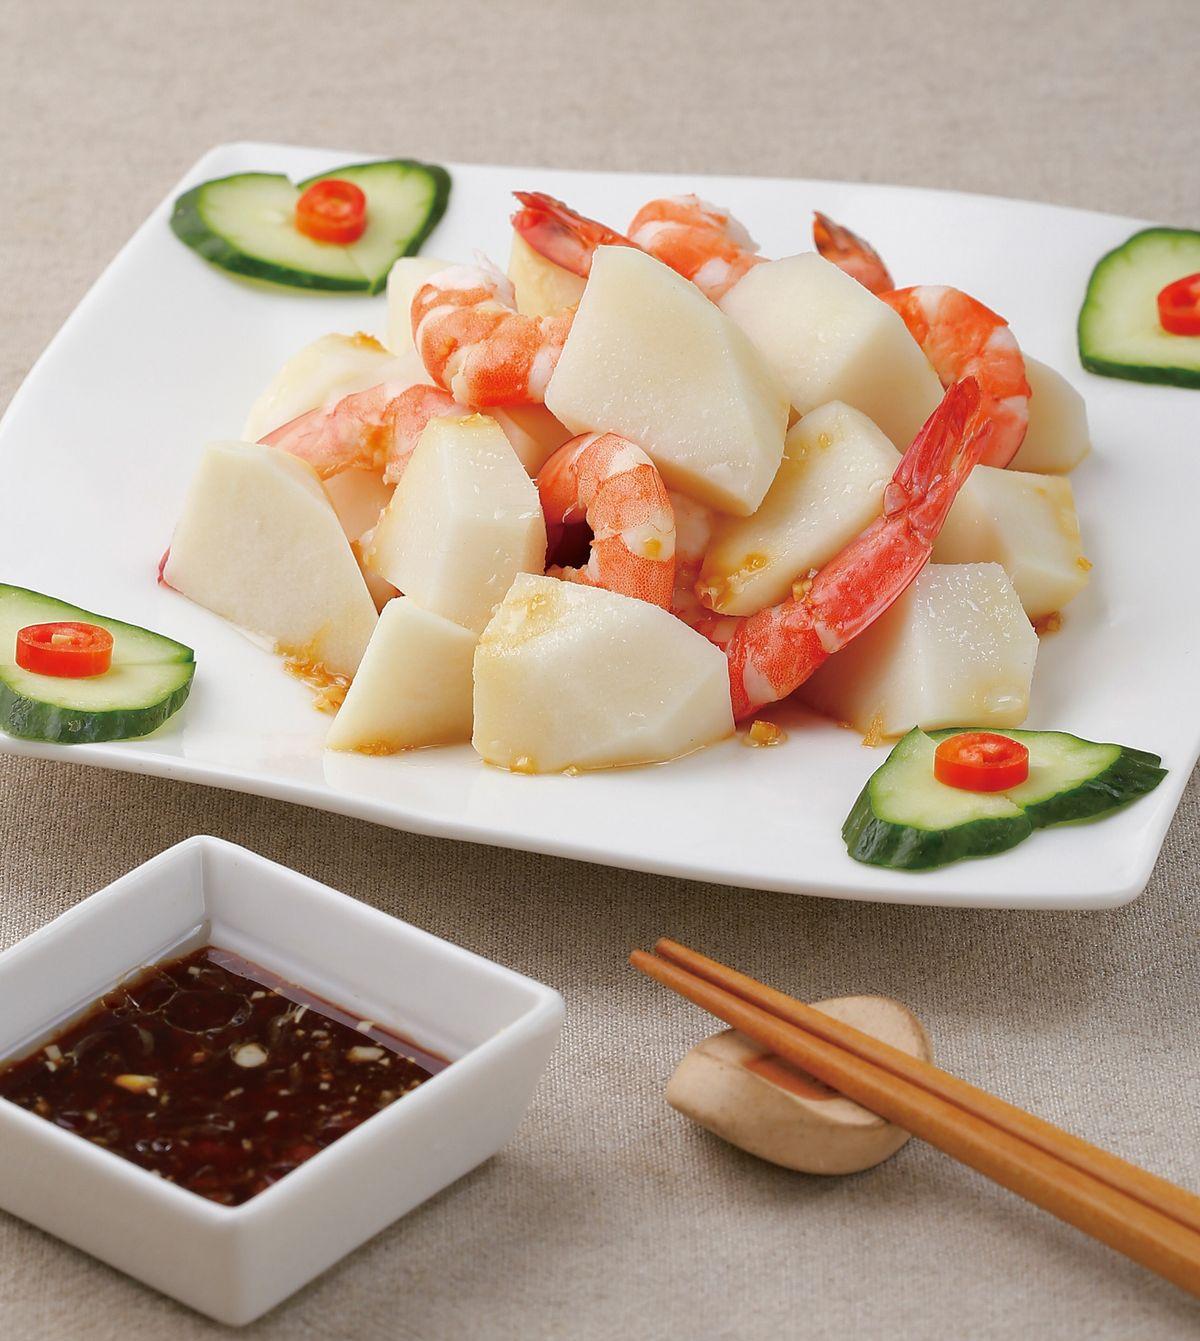 食譜:鮮蝦拌春筍